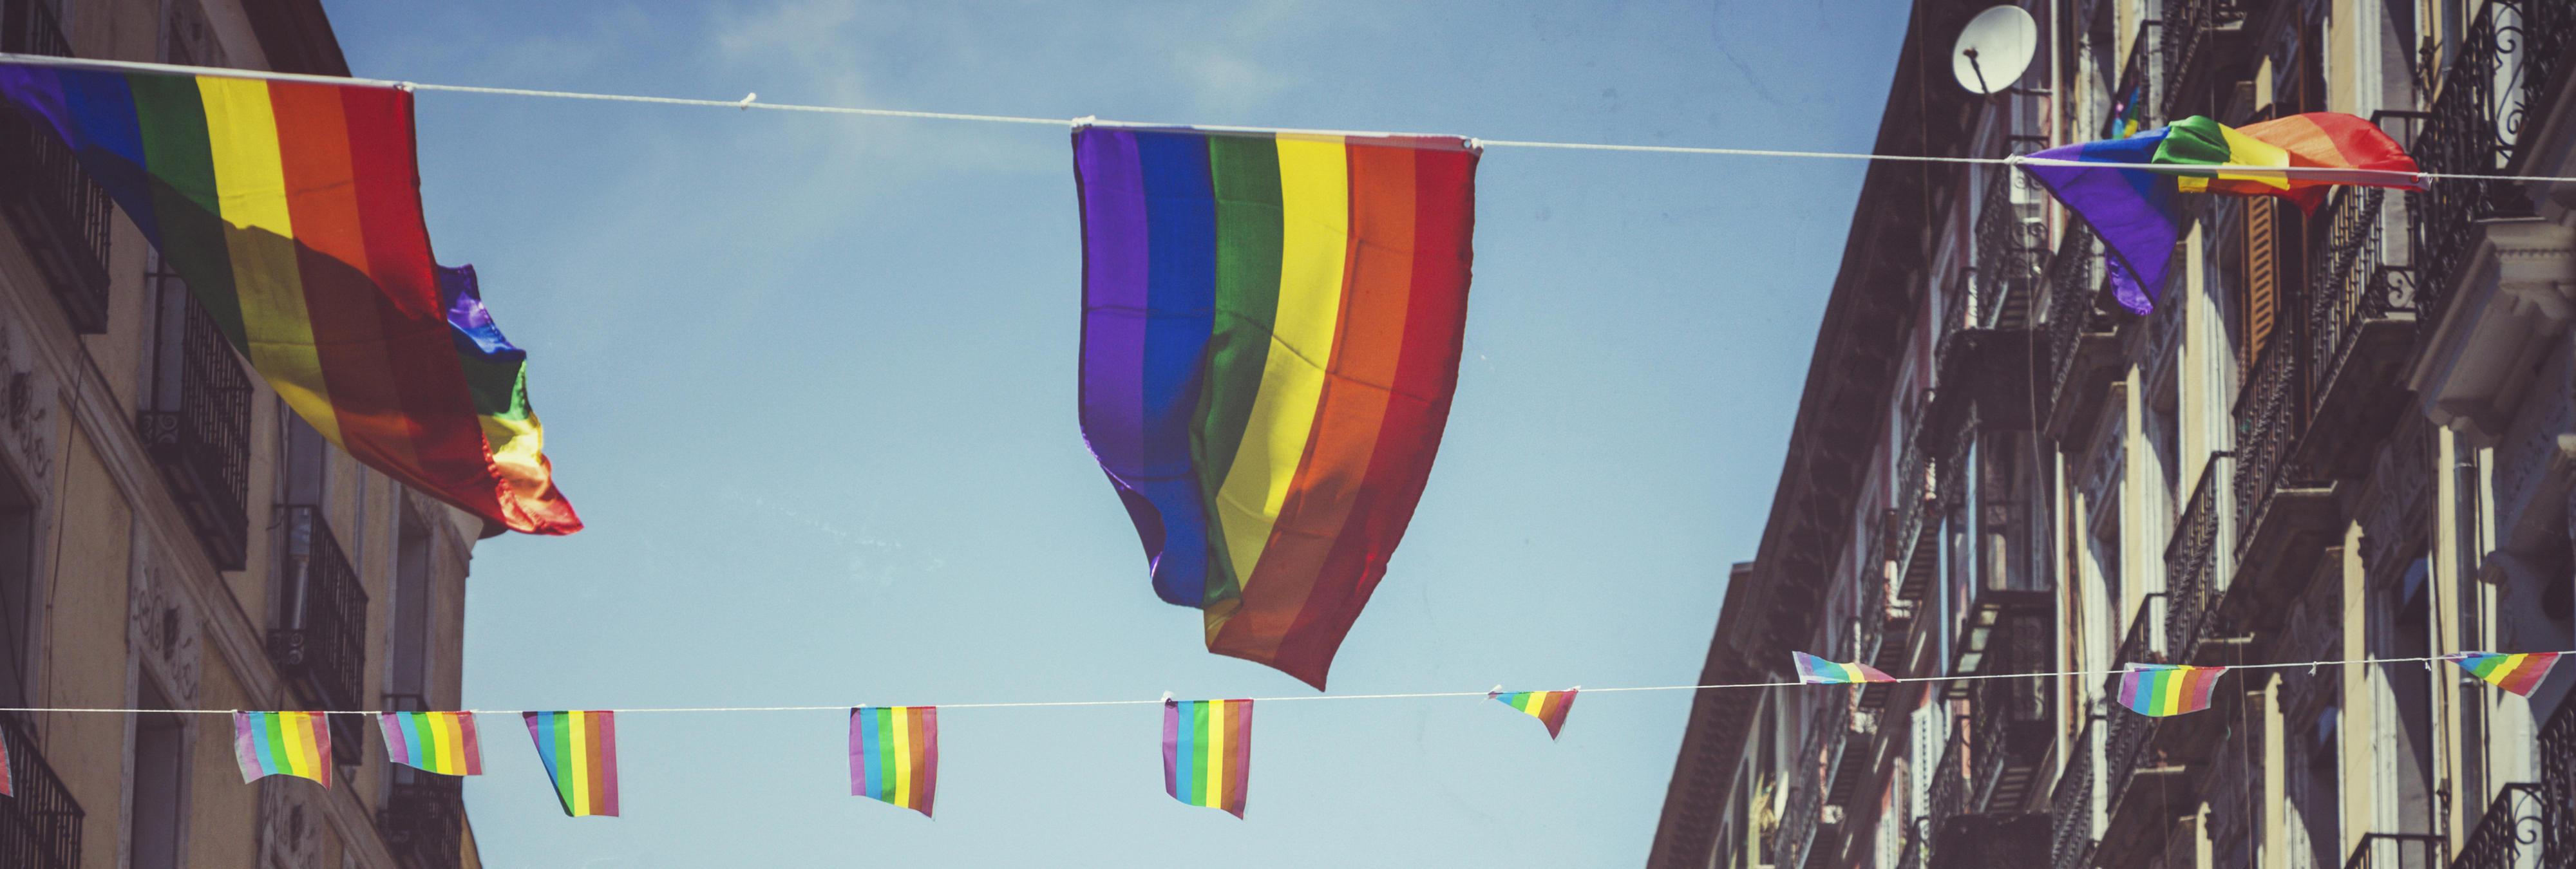 Homenaje a Orlando y corto reivindicativo: así será el no-pregón del Orgullo gay en 2016